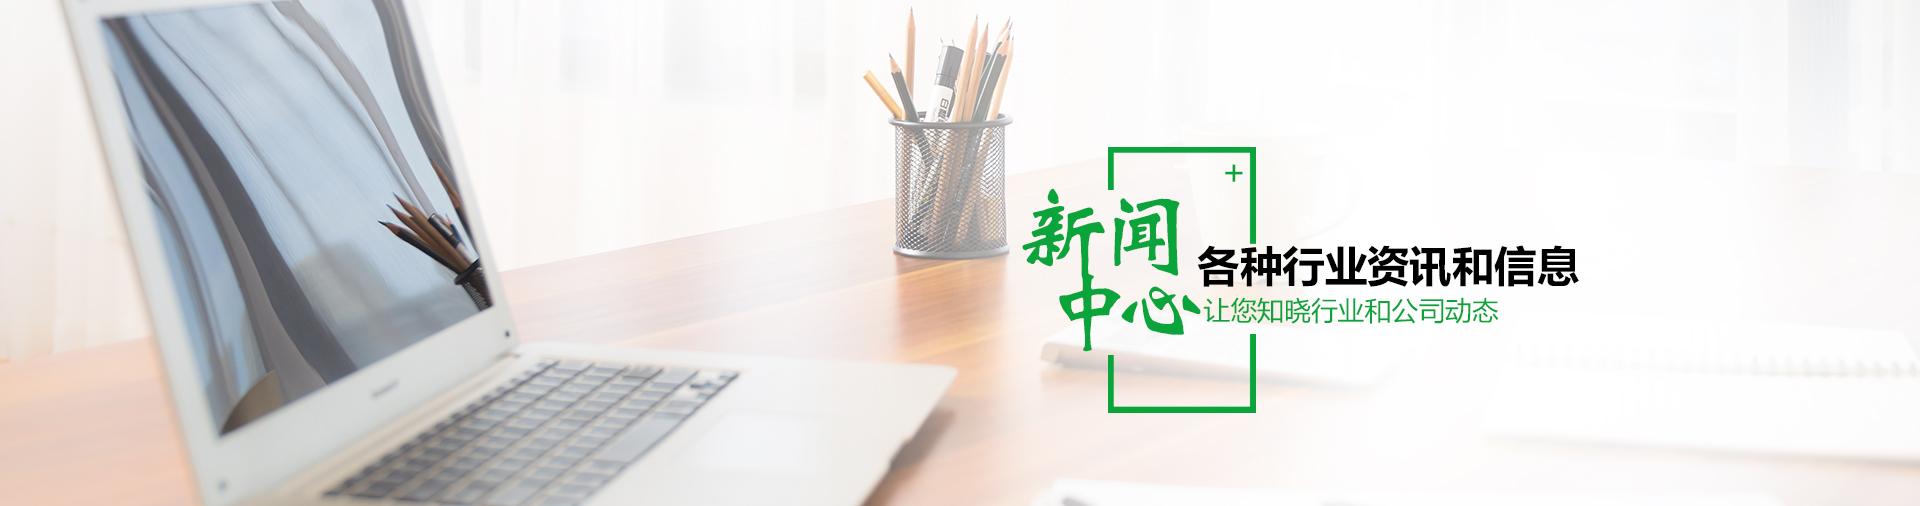 中山叉车租赁